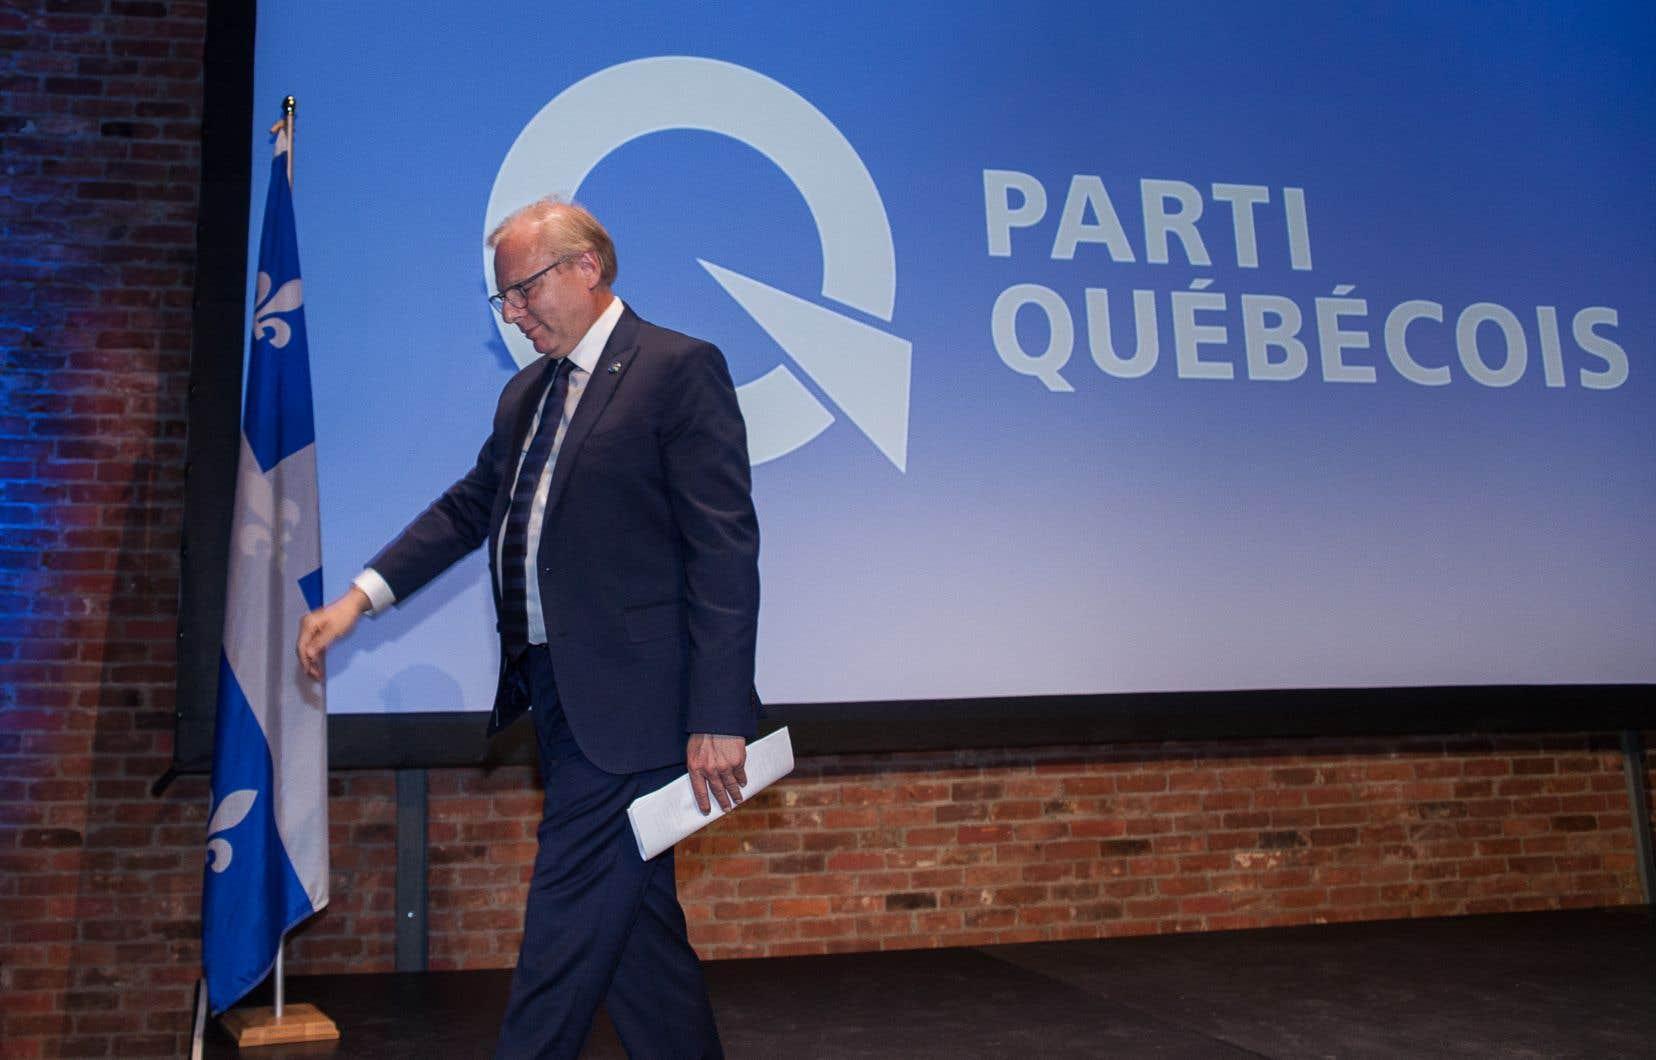 La division du vote indépendantiste et progressiste a ouvert la voie à l'accession de la droite au pouvoir, selon Pierre Dubuc.